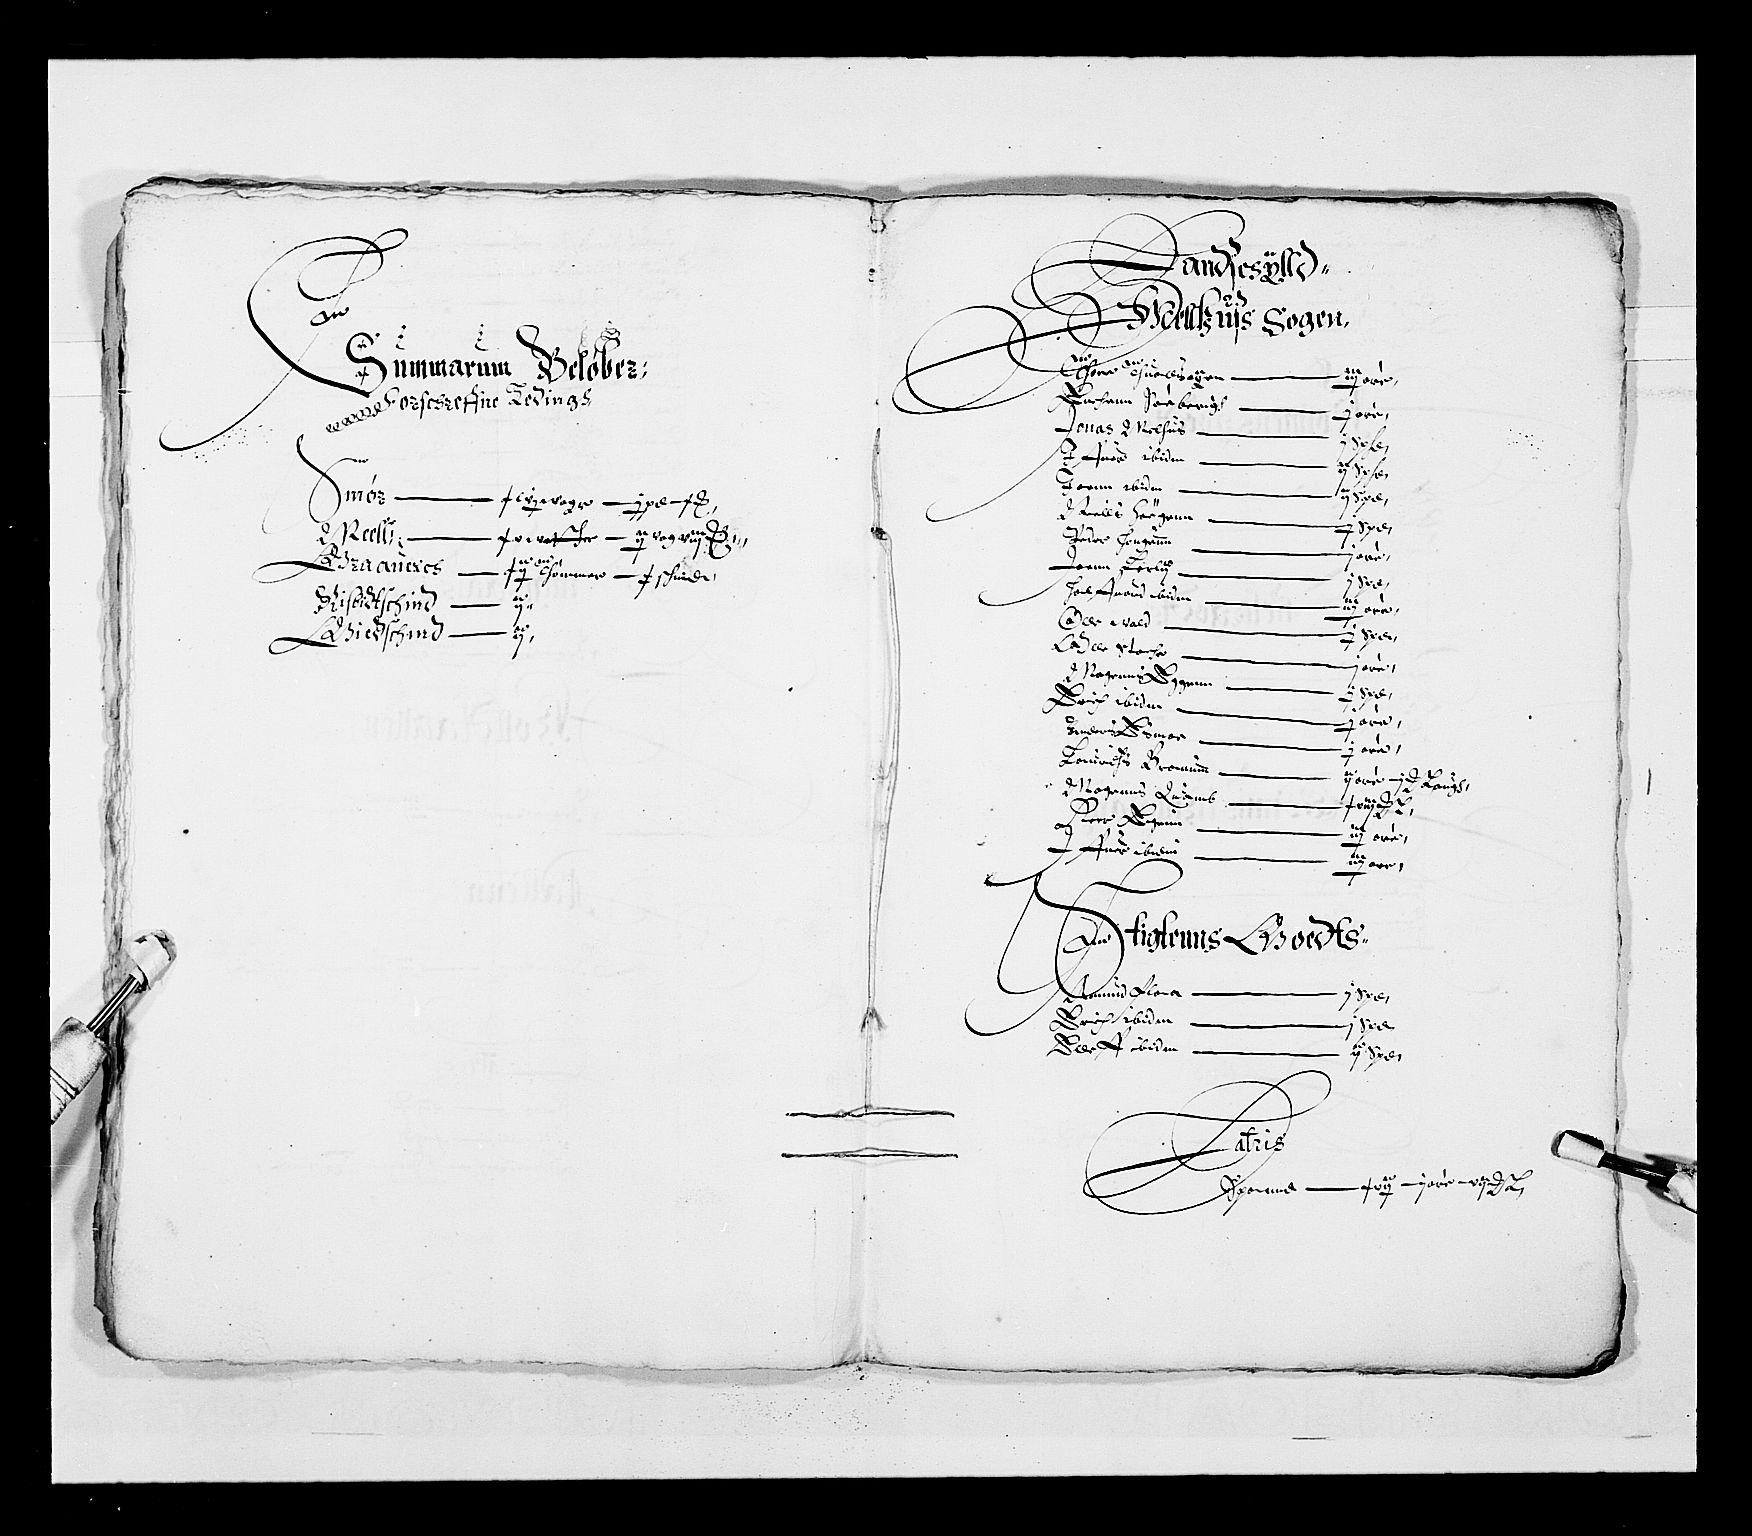 RA, Stattholderembetet 1572-1771, Ek/L0028: Jordebøker 1633-1658:, 1645-1646, s. 217